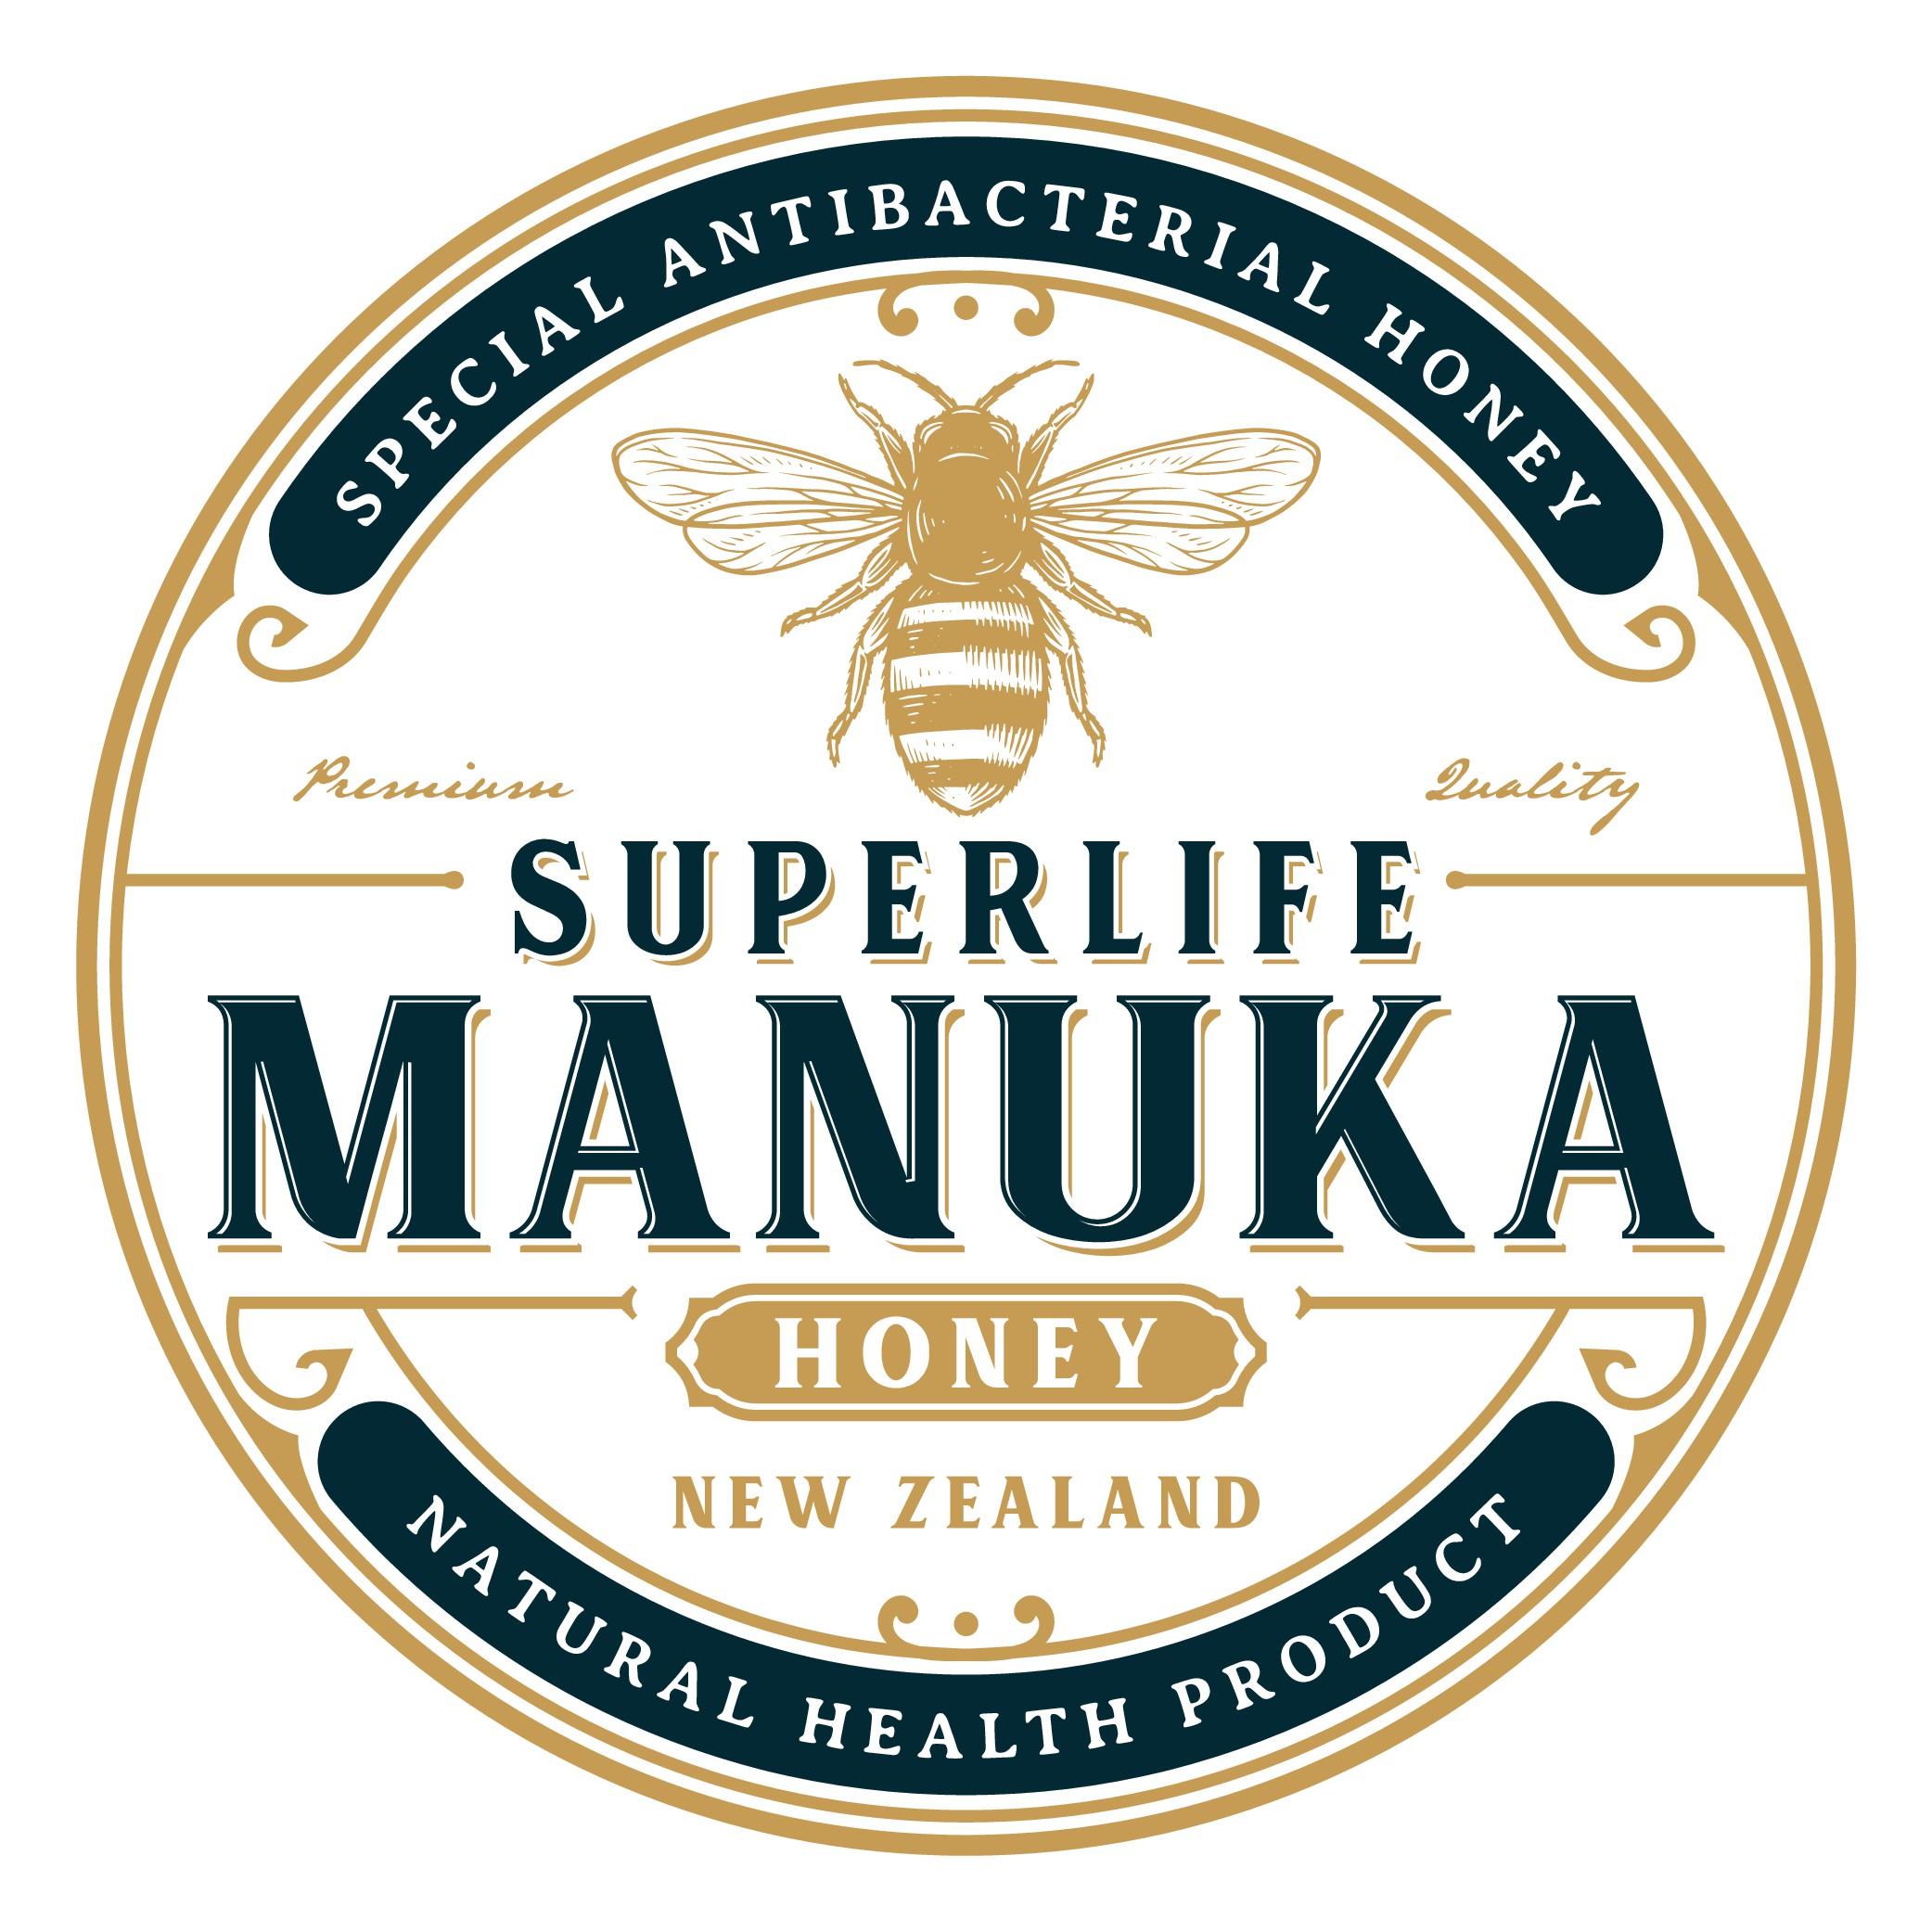 Premium Manuka Honey Design